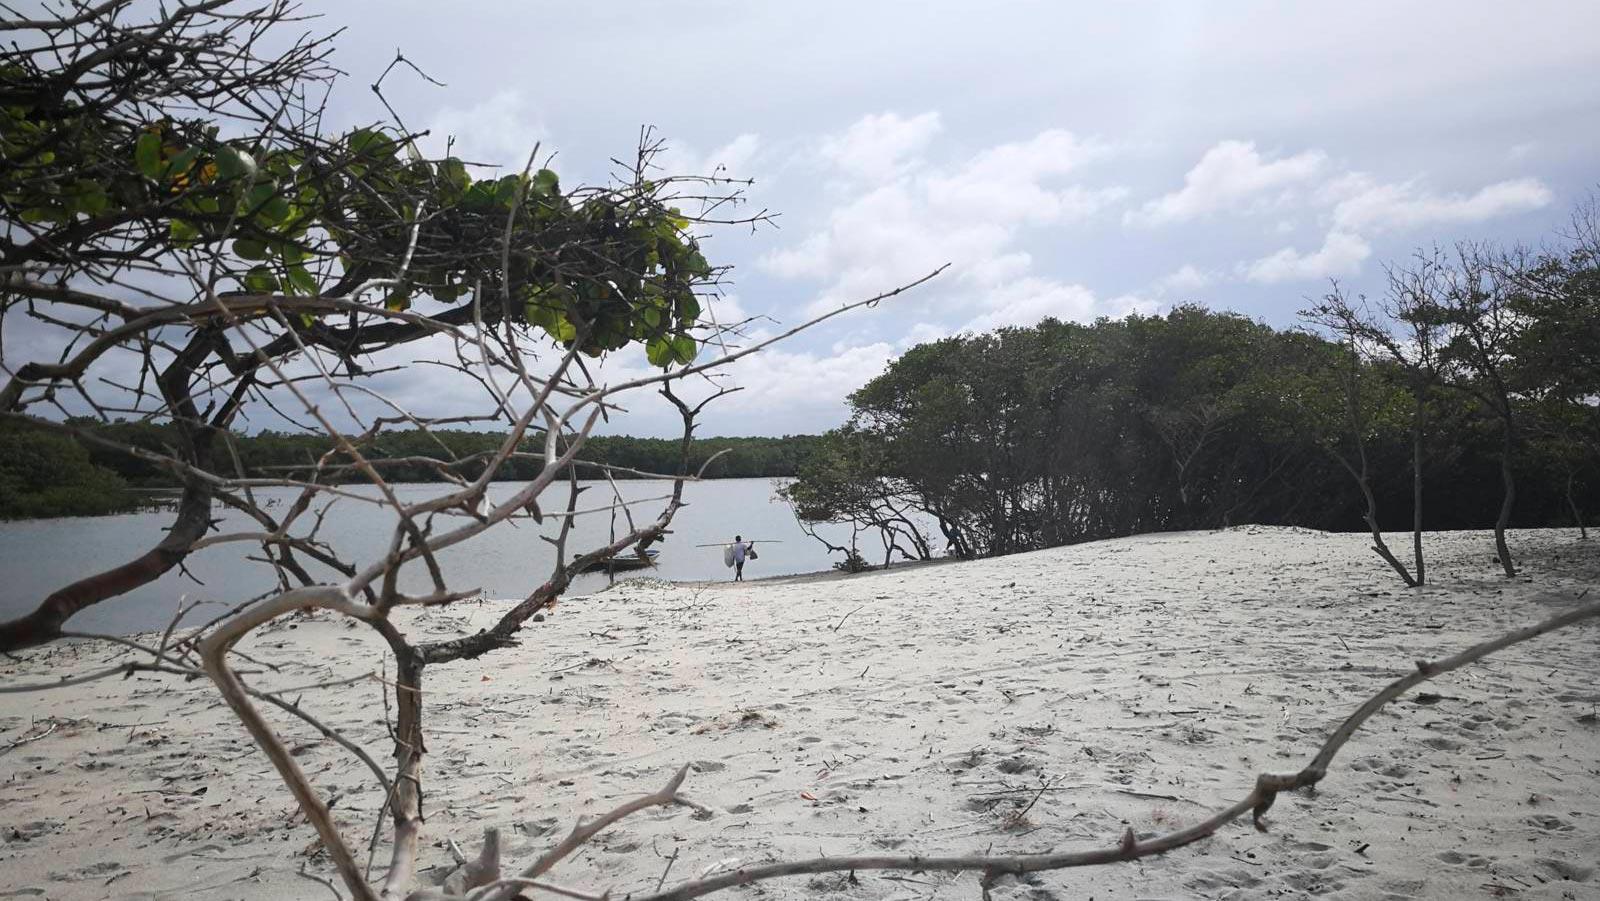 Brasile-atins-barreirinhas-rio-preguicas-maranhao